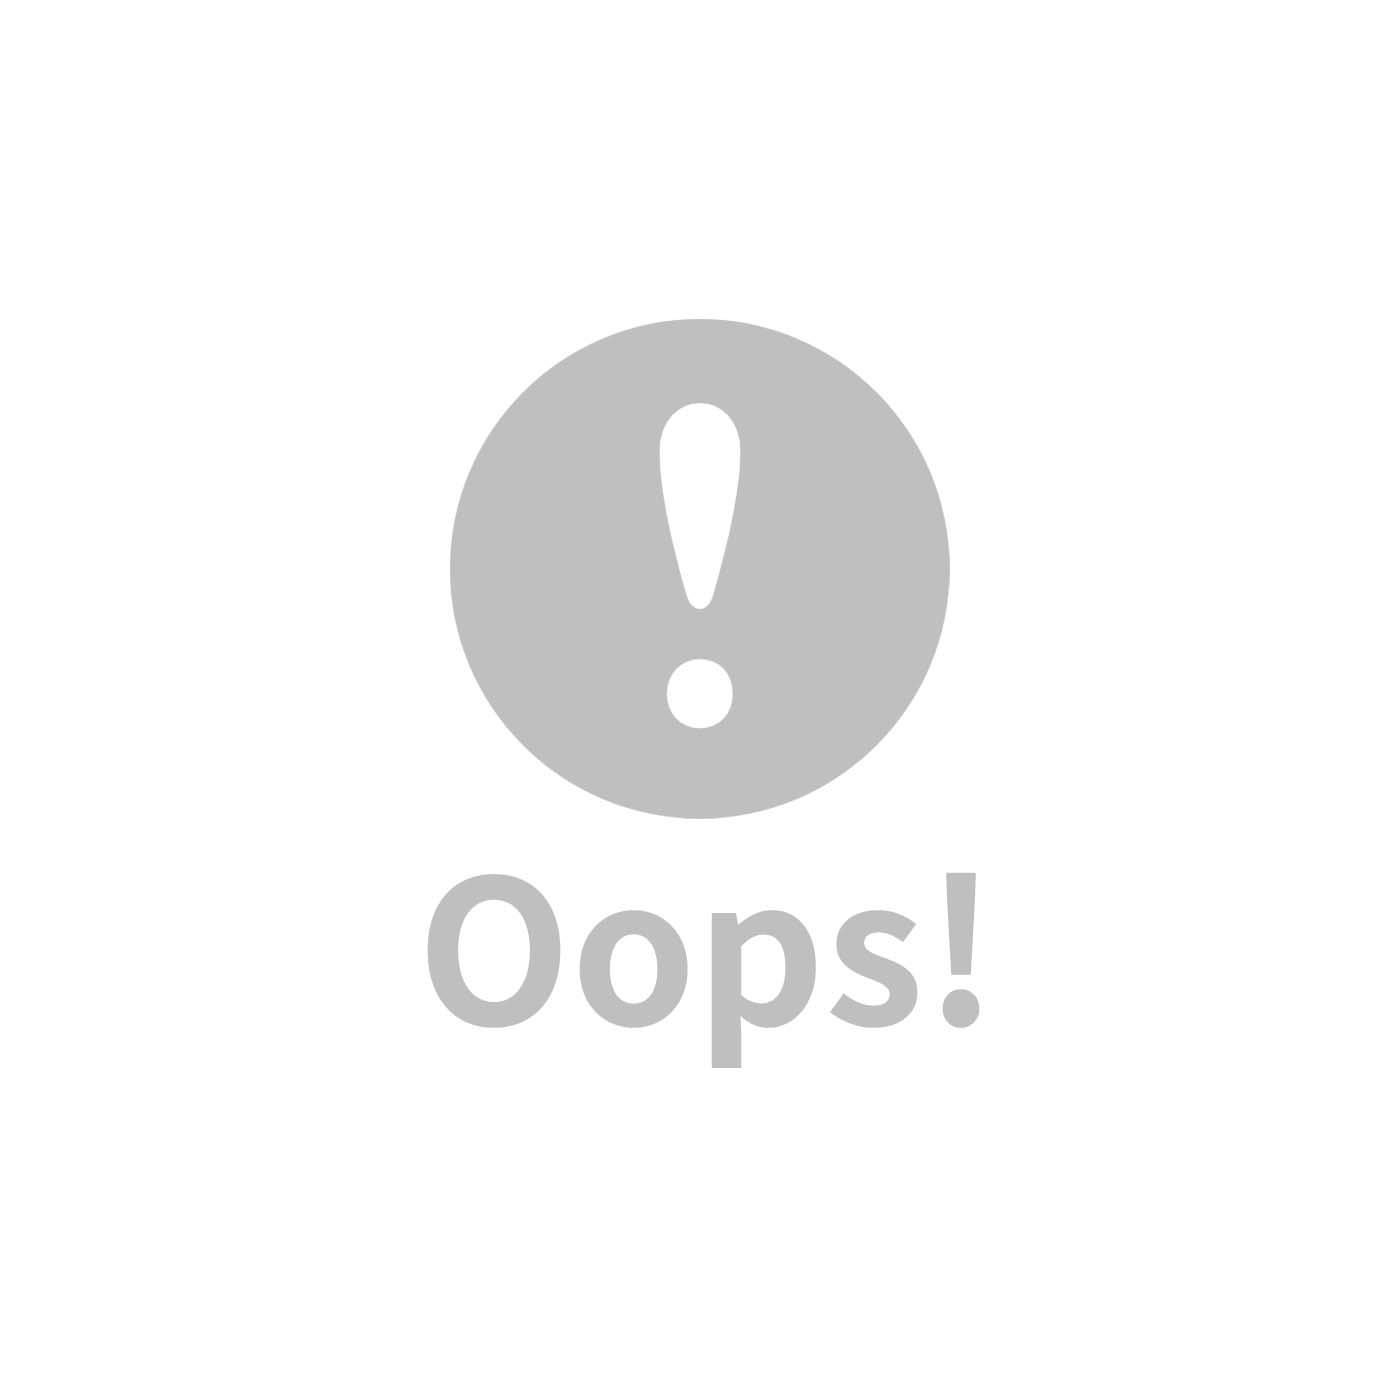 global affairs 童話手工編織安撫搖鈴_動物派對2(粉紅貓)